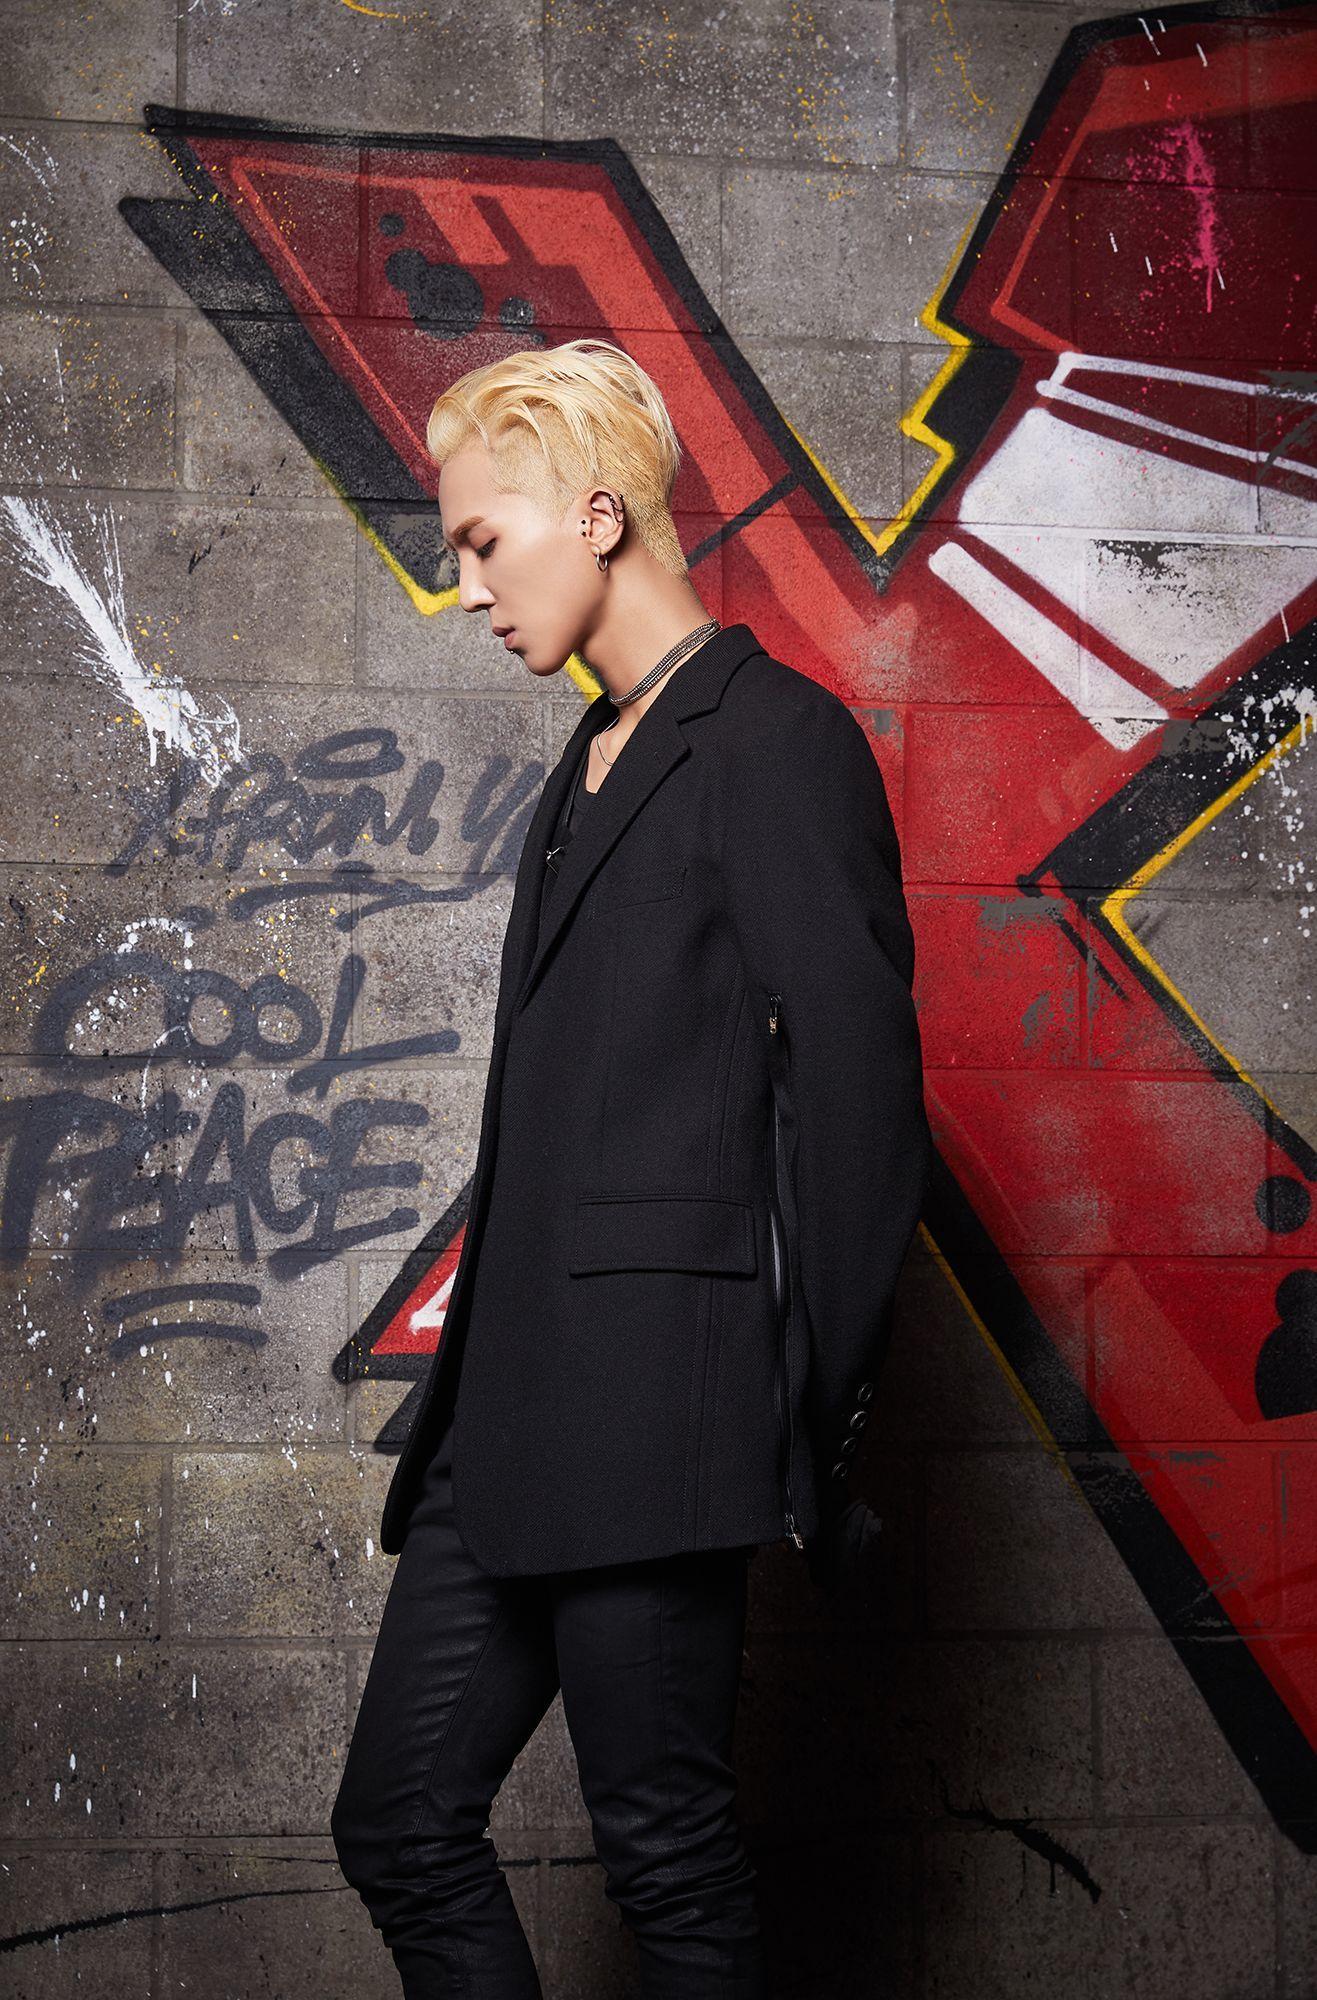 Mino Winner ceritakan pengalamannya ditemani Yang Hyun Suk selama proses persiapan album solonya (dok. YG Entertainment)